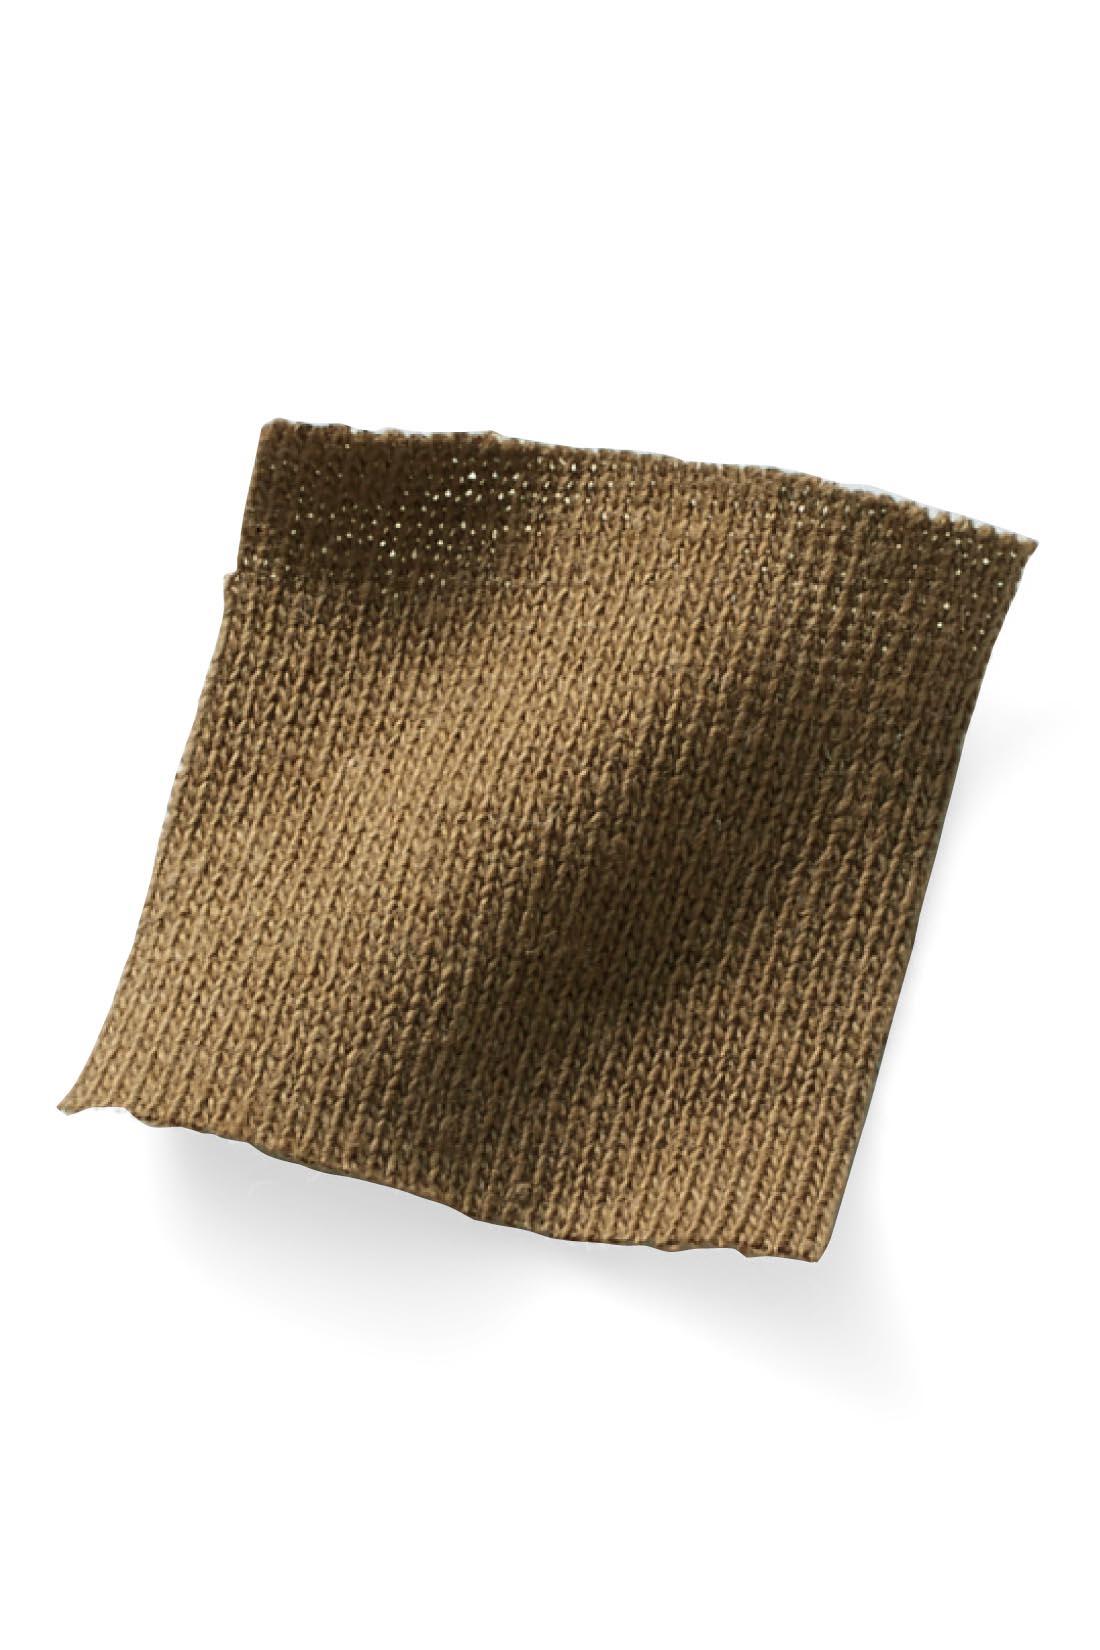 【コットンリネン】麻のさわやかさと綿のやわらかさを絶妙ミックス。毎日着たくなる肌ざわりに。